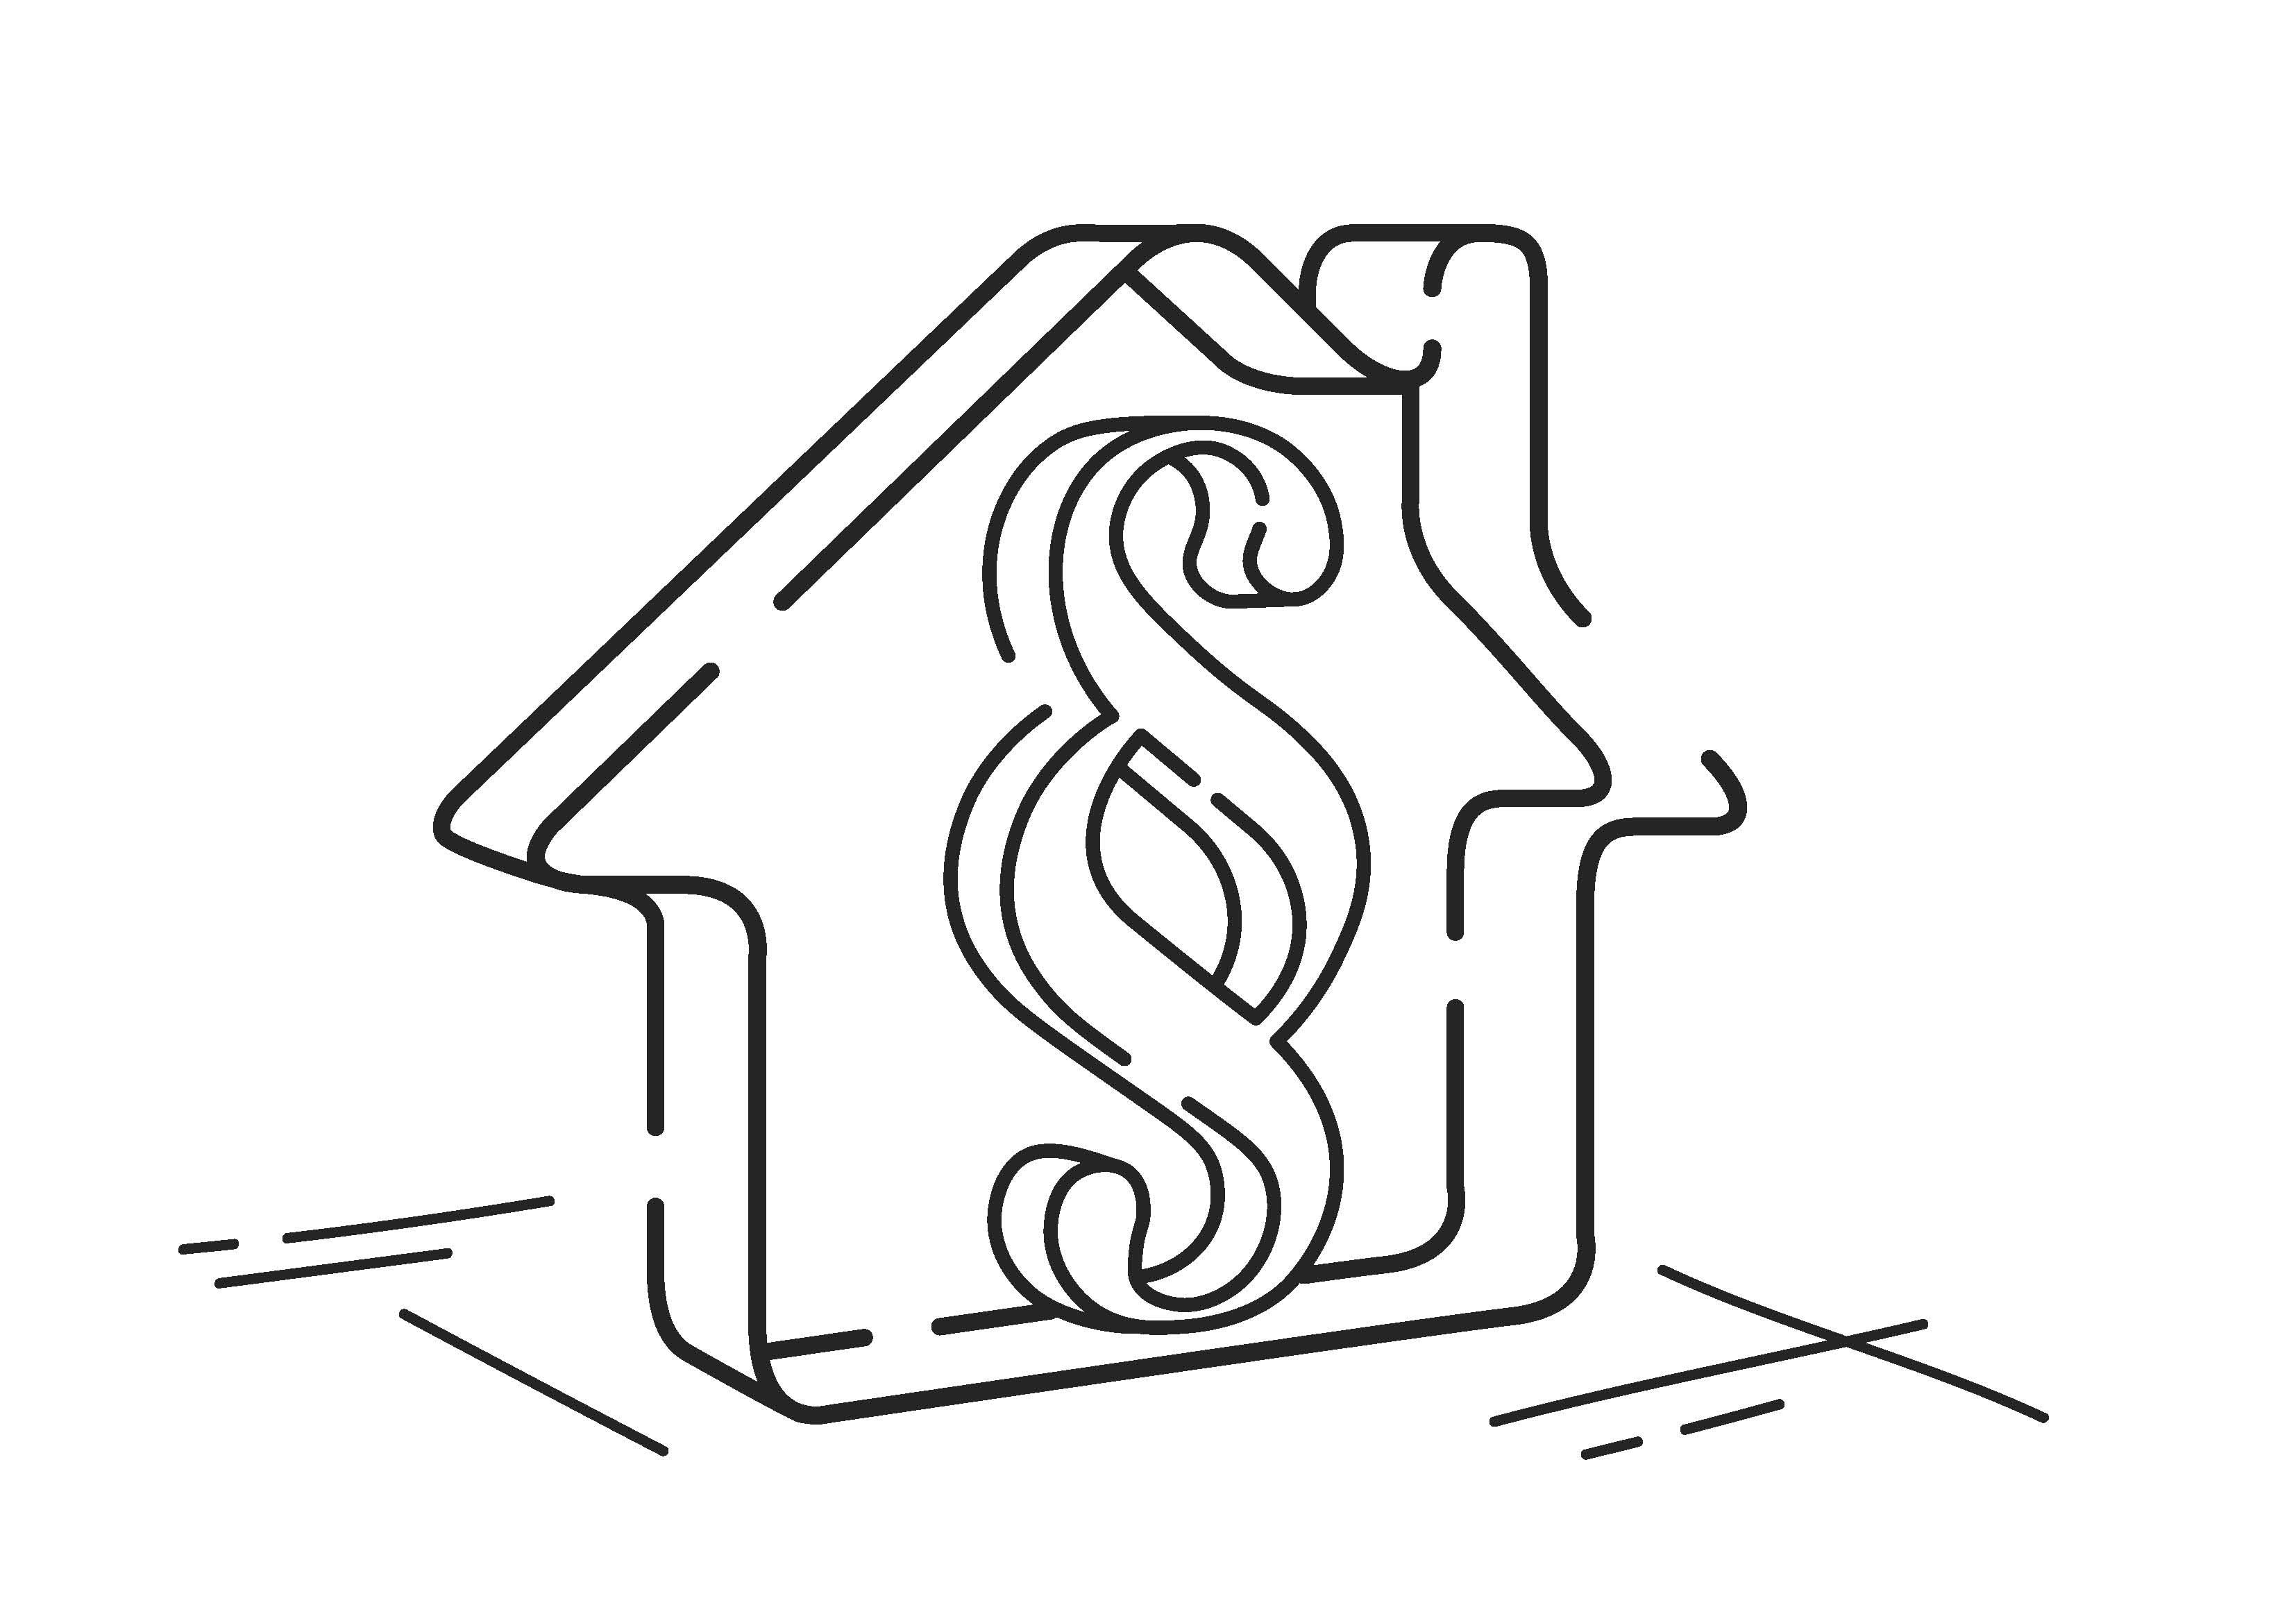 wertermittlung mehrfamilienhaus ertragswertverfahren